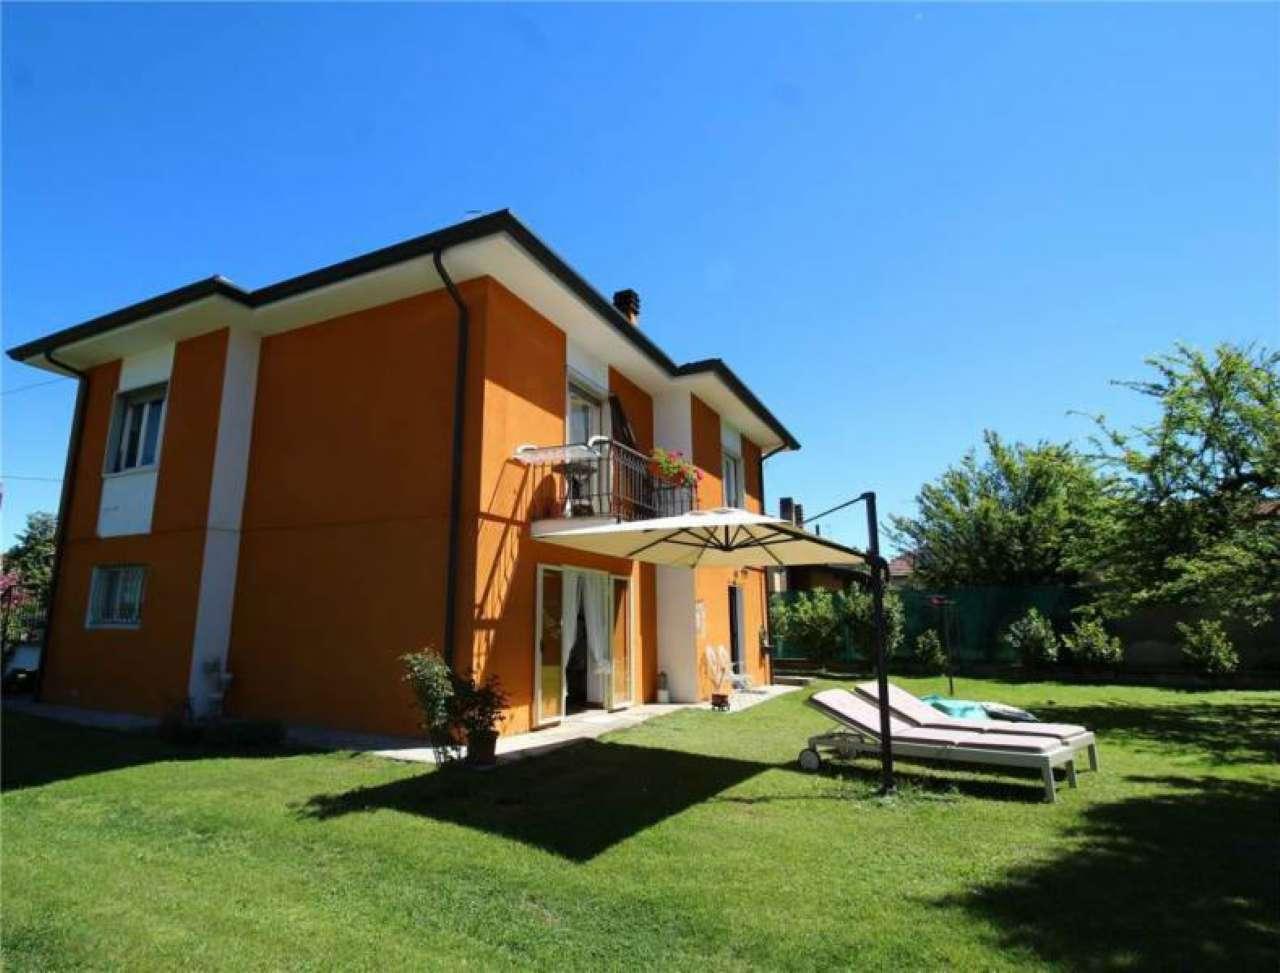 Cerco villa con giardino e taverna a castelletto sopra - Cerco piscina fuori terra ...